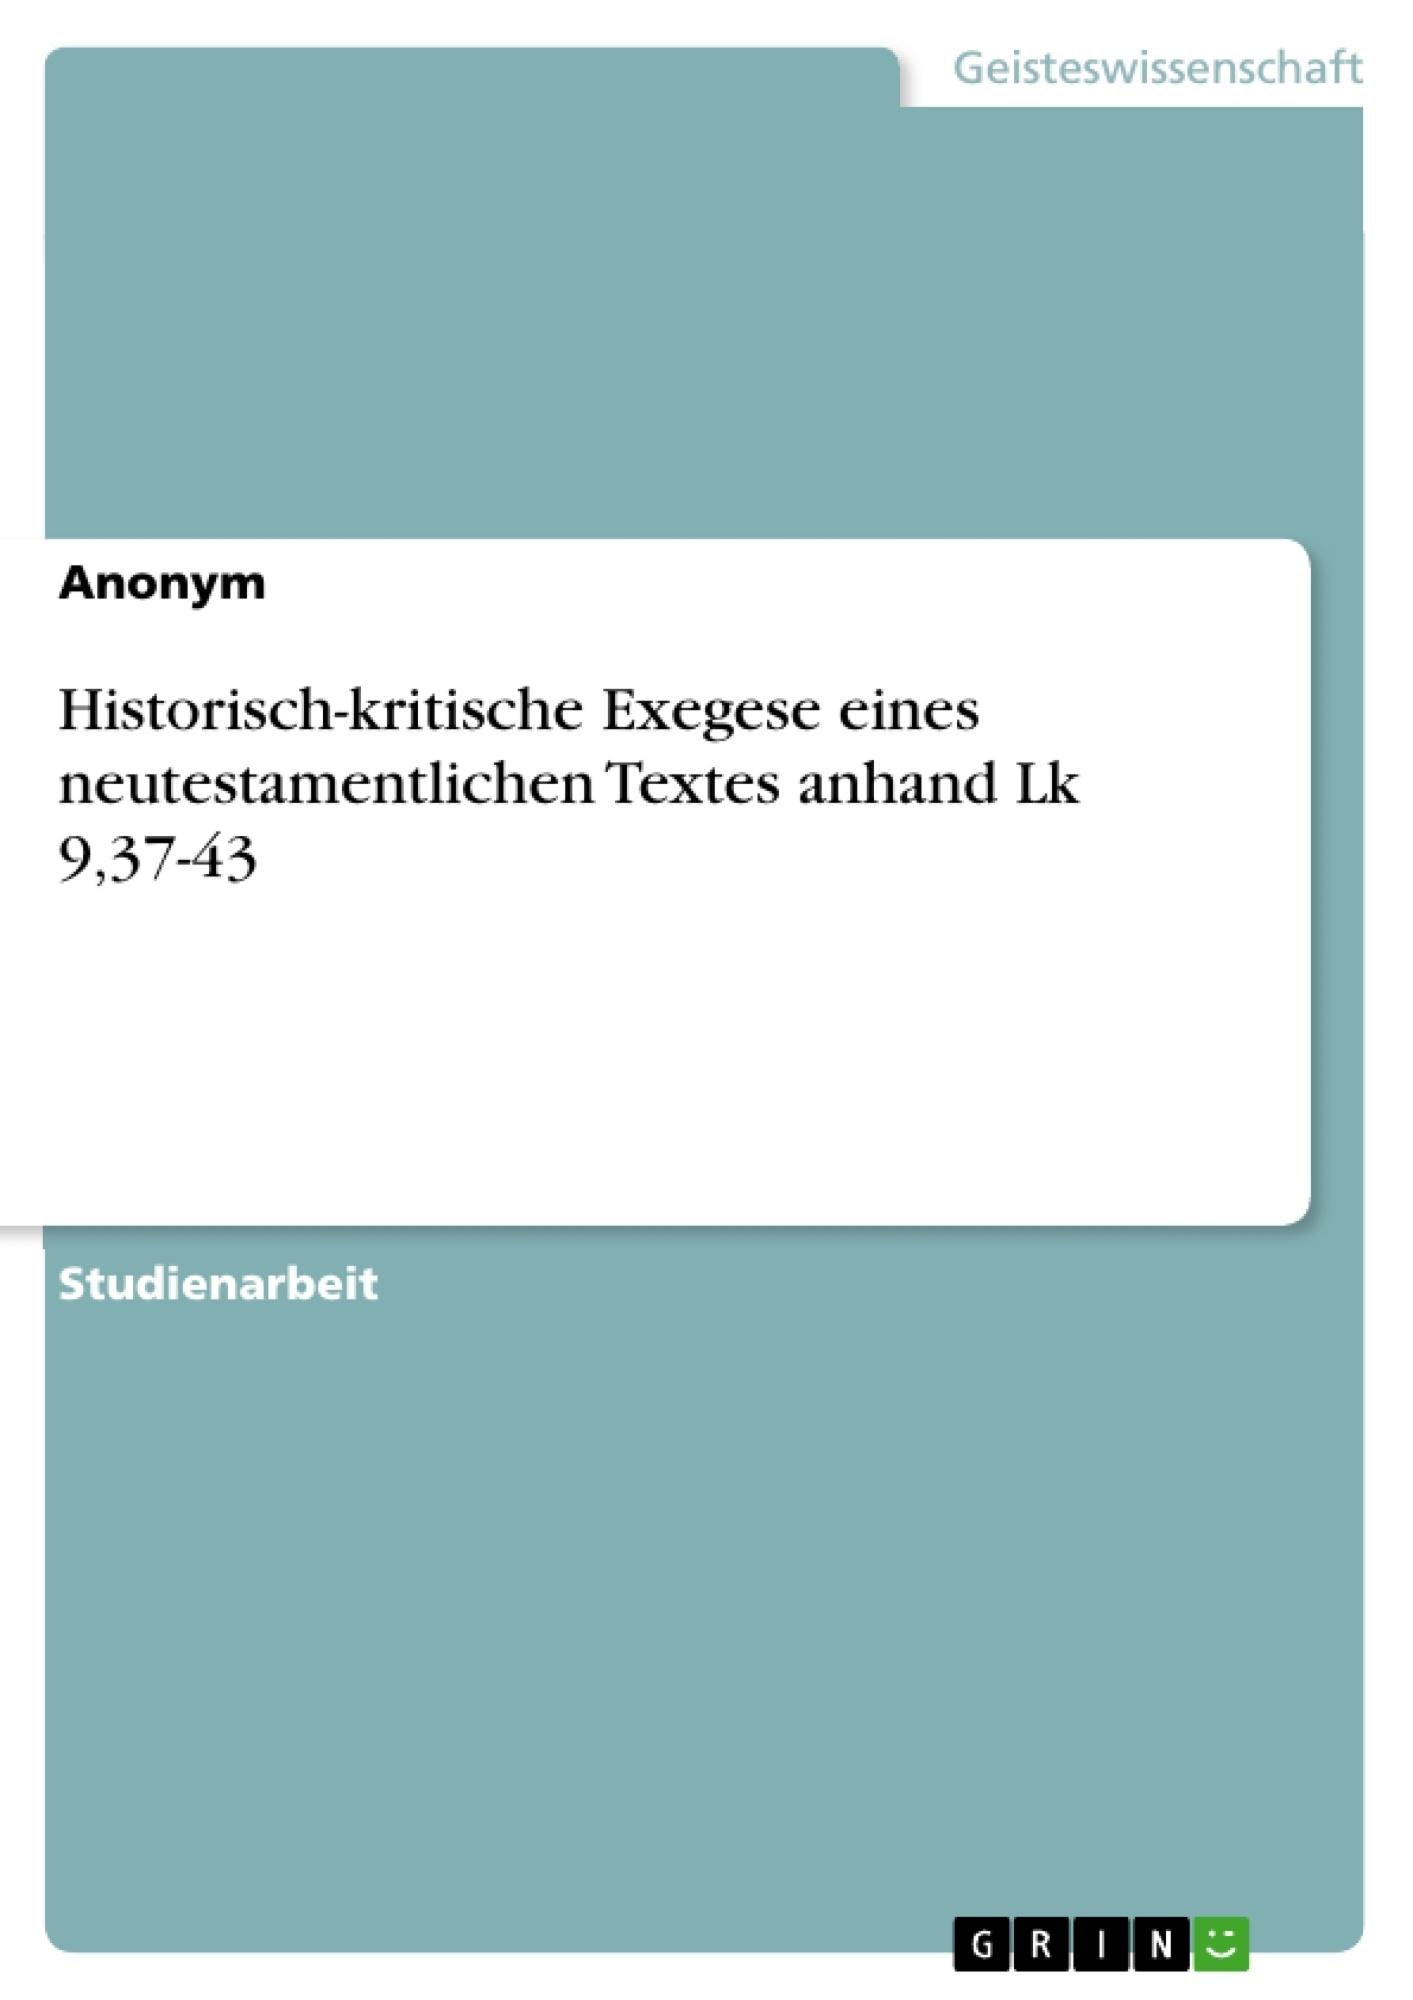 Titel: Historisch-kritische Exegese eines neutestamentlichen Textes anhand Lk 9,37-43